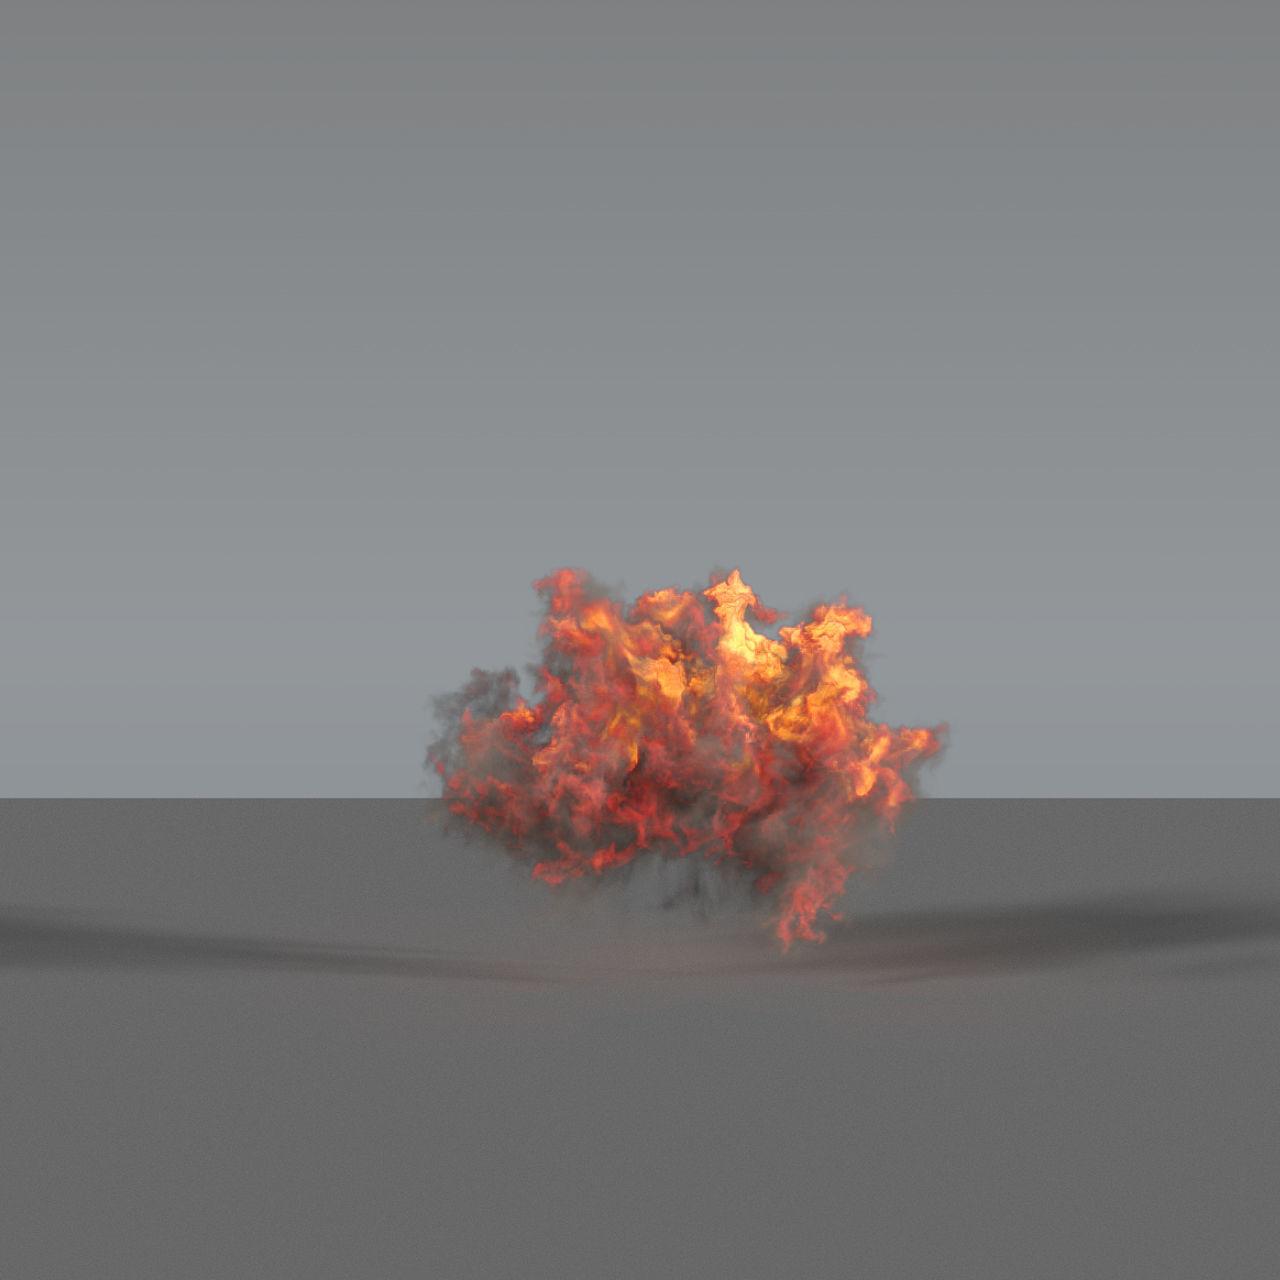 Fire Explosion 04 - VDB